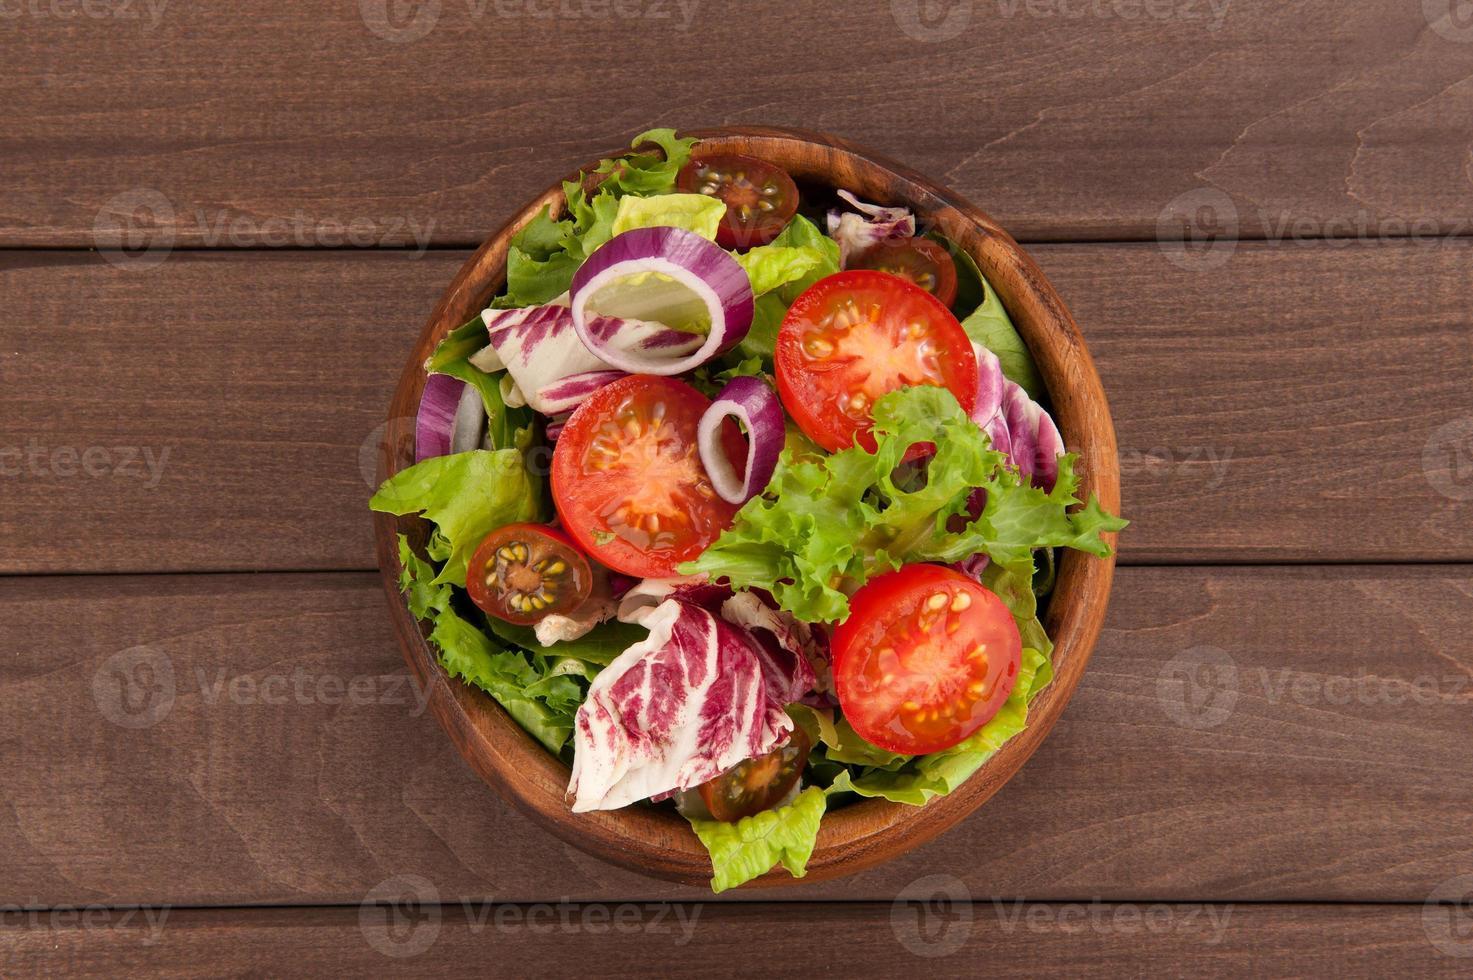 salade de légumes frais dans un bol photo